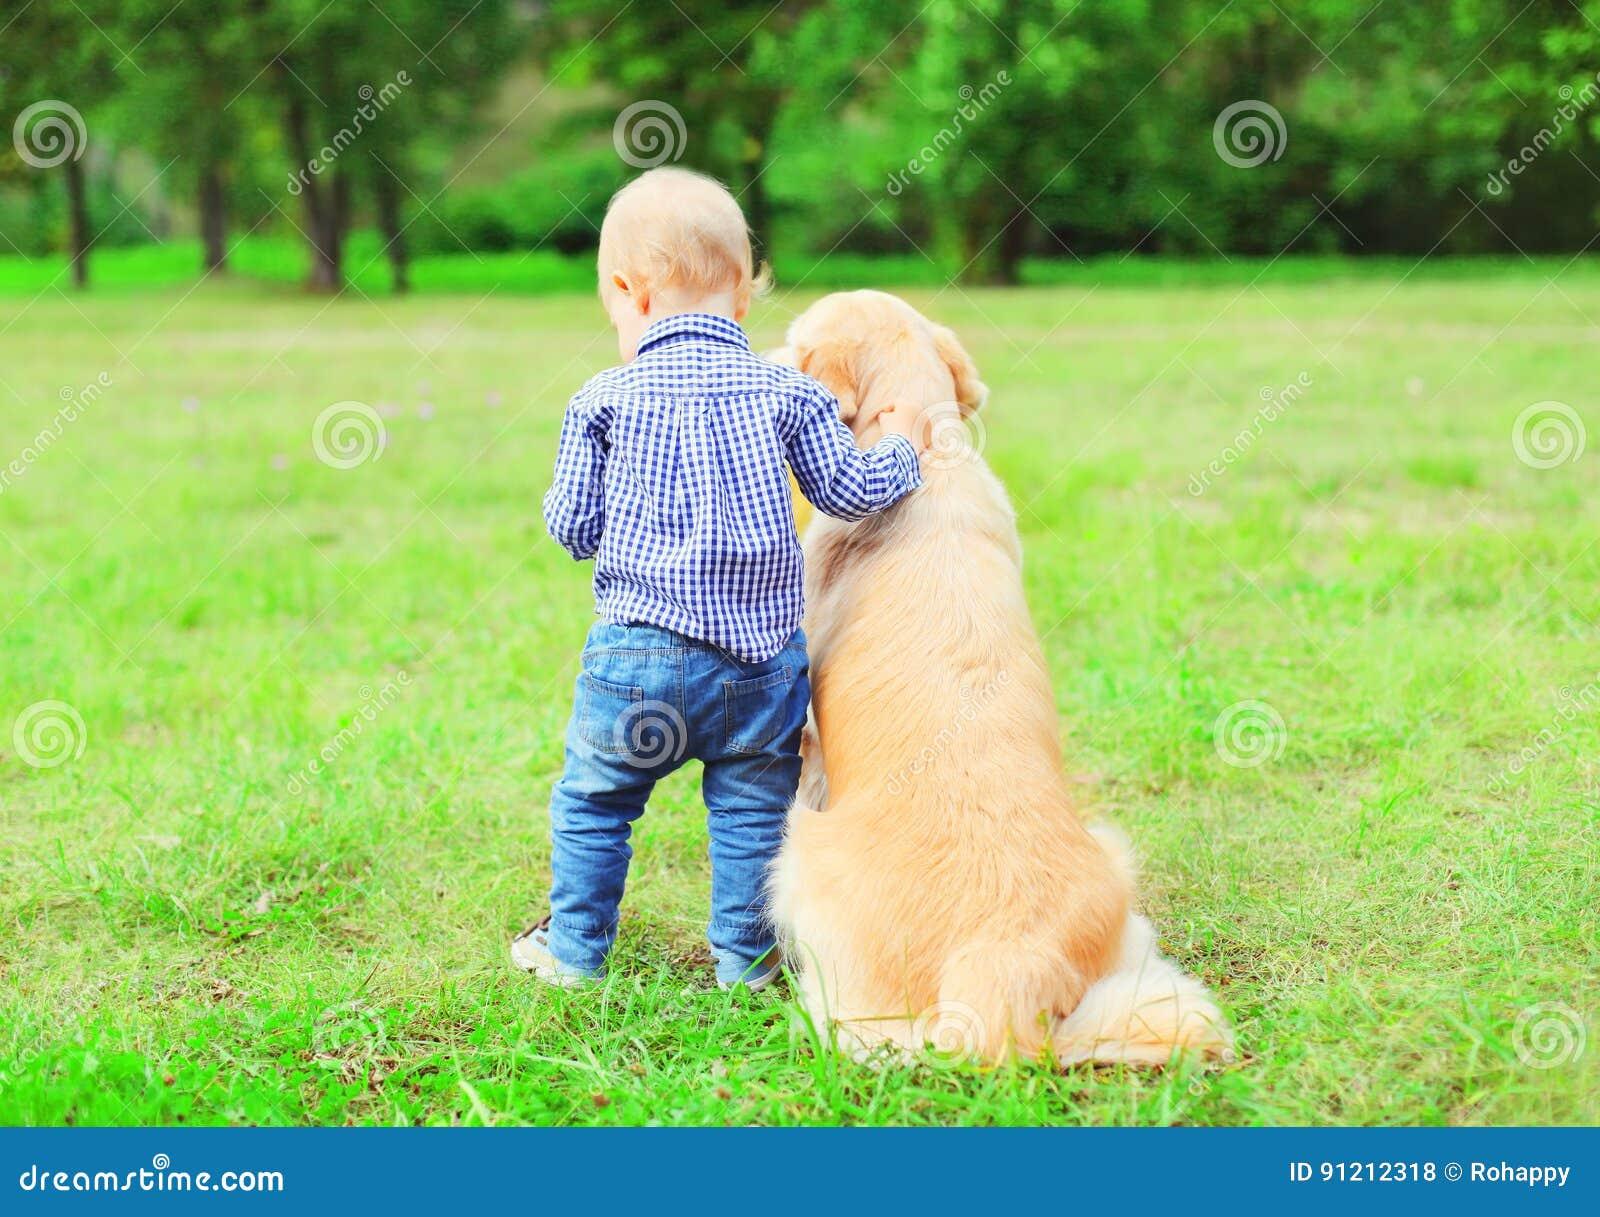 Weinig jongenskind en Golden retrieverhond samen in openlucht, de zomerpark